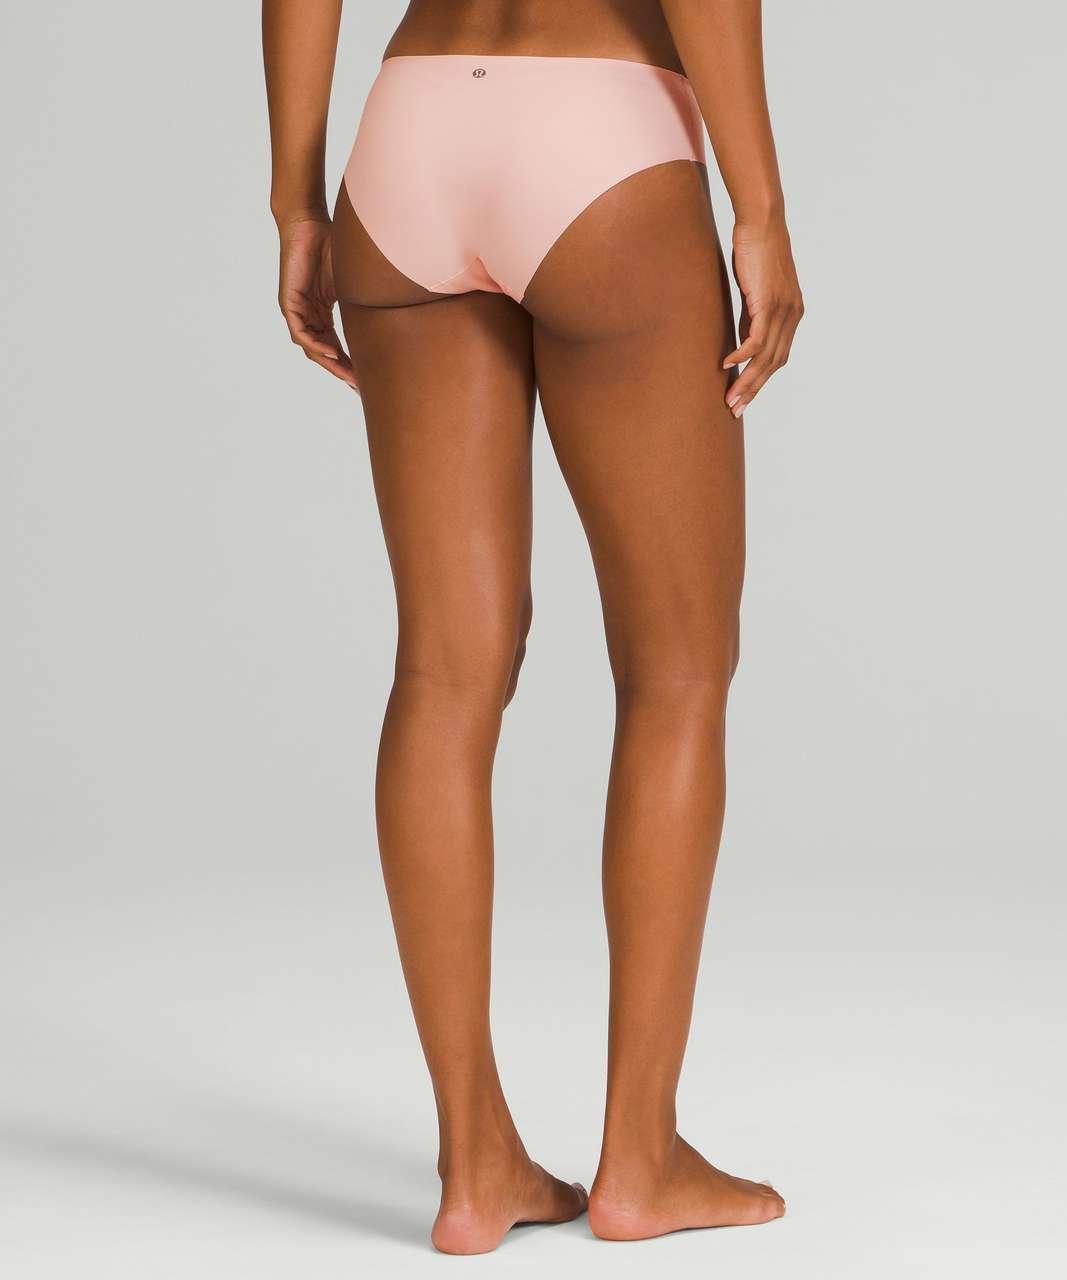 Lululemon InvisiWear Mid Rise Bikini Underwear 3 Pack - Heritage 365 Camo Mini Rotated Pecan Tan Multi / Pink Mist / Black